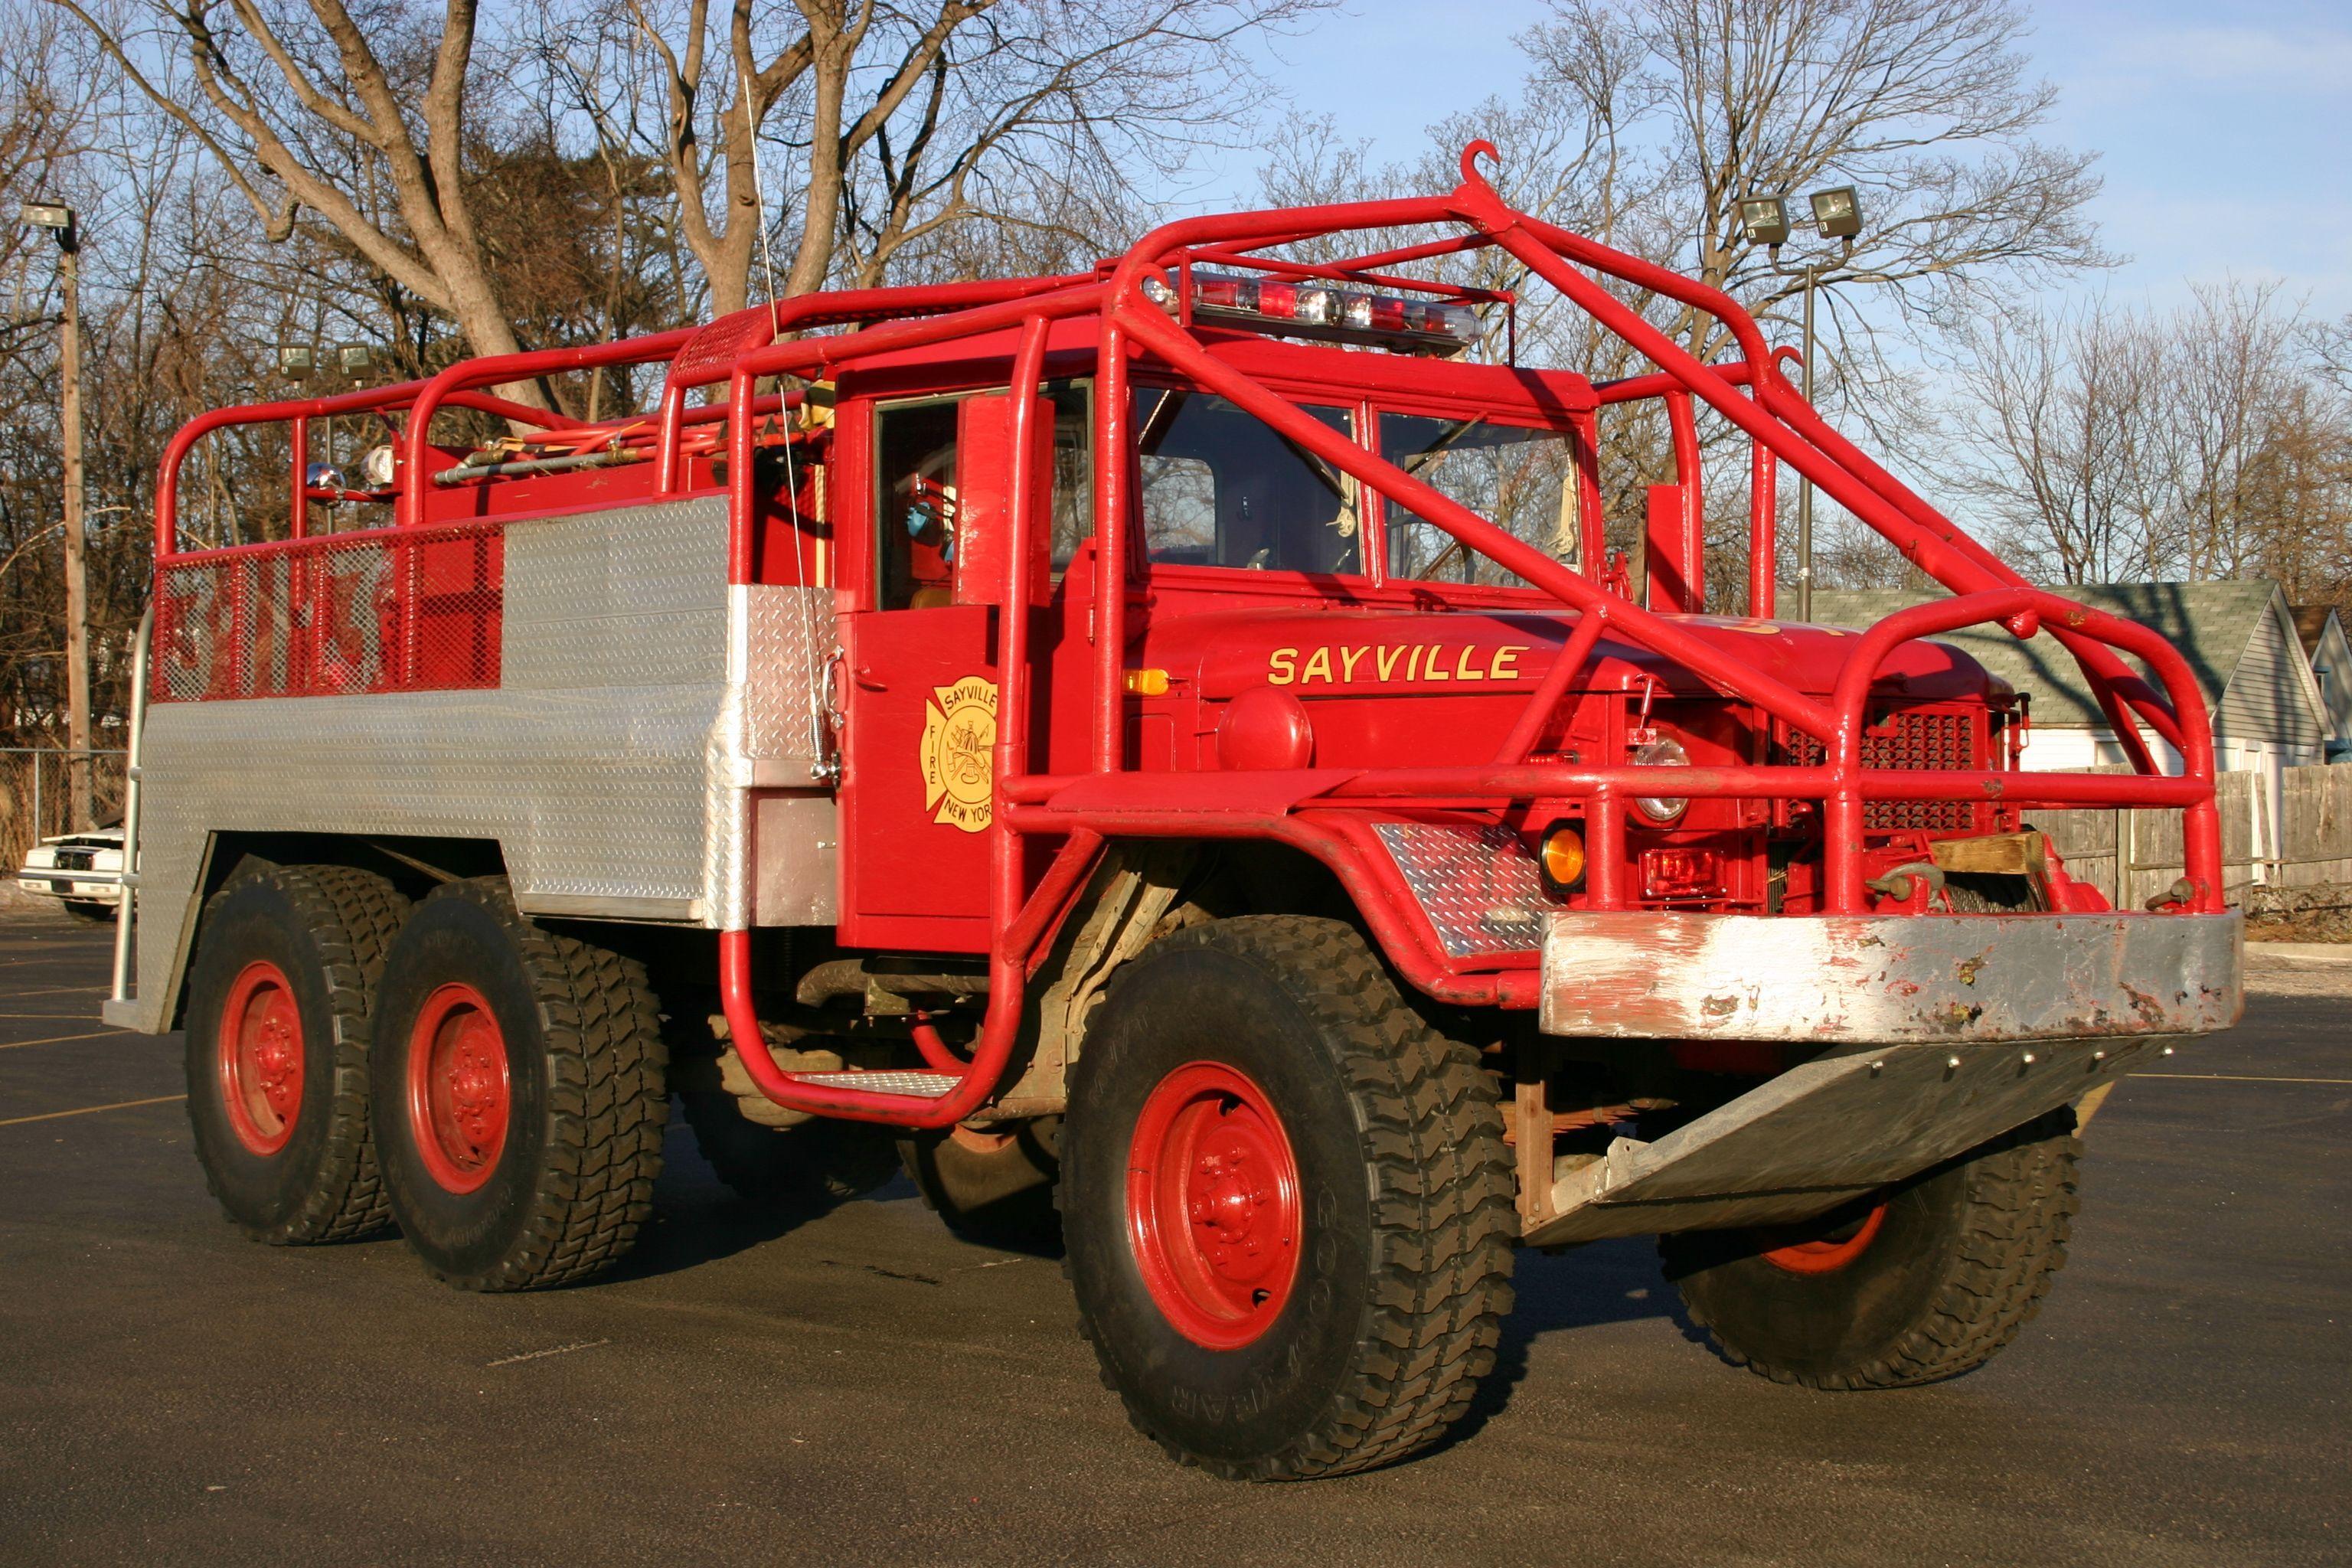 Sayville Fire Department Fire Trucks Trucks Brush Truck